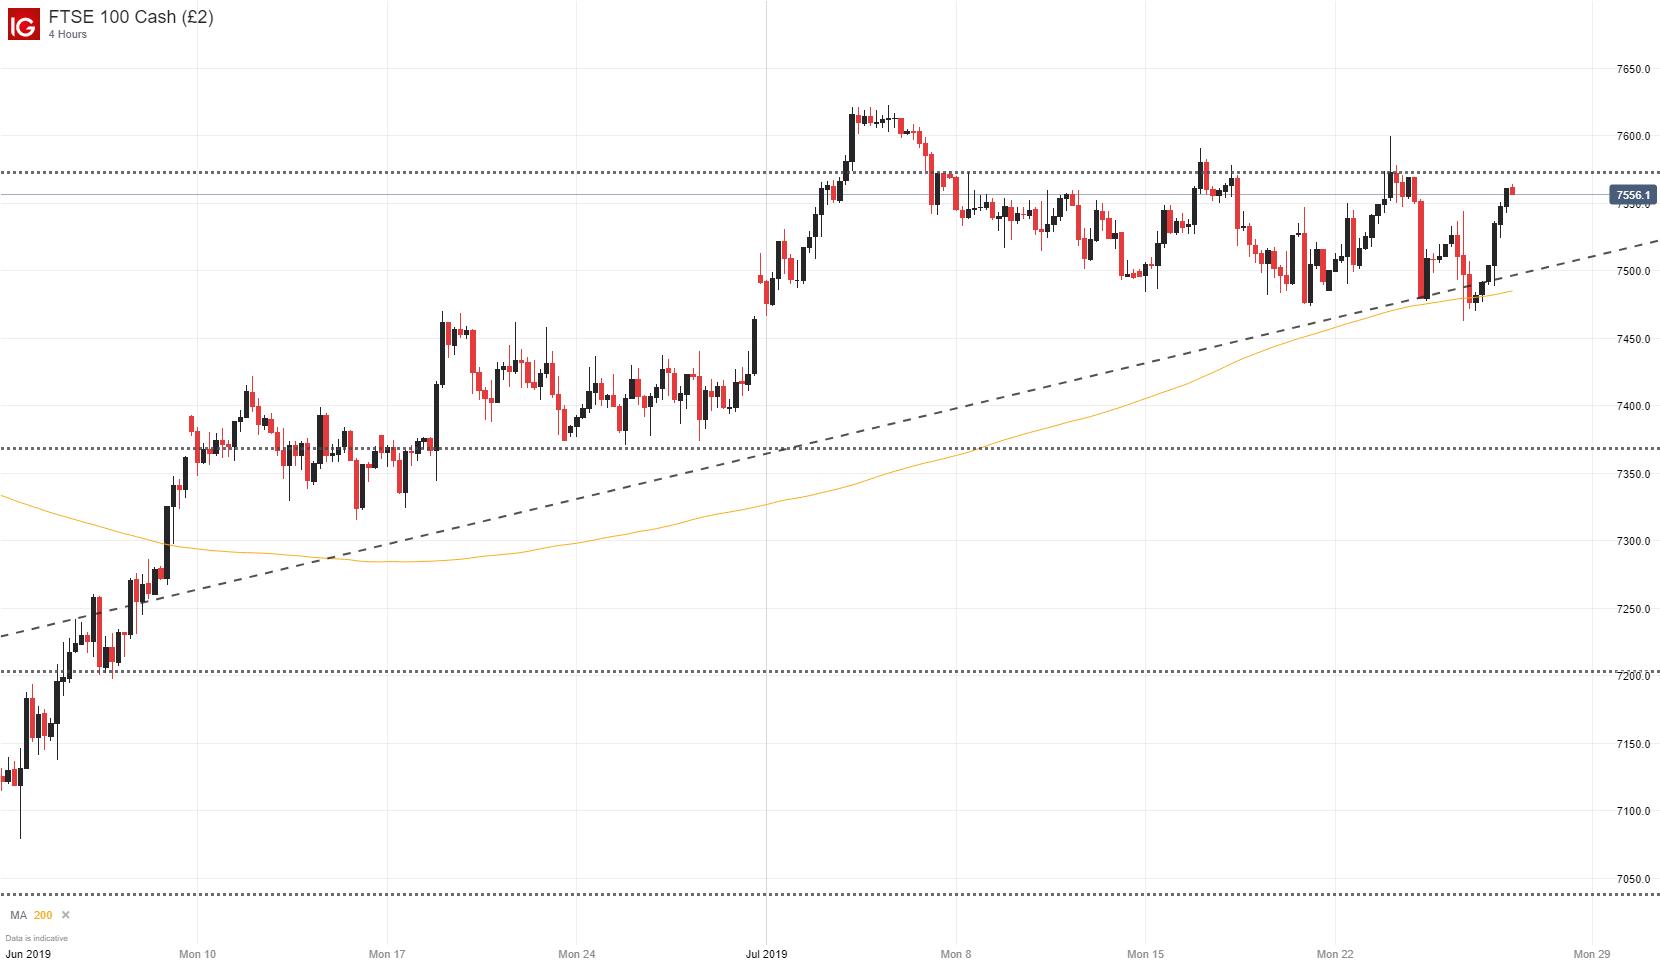 Dow Jones, Nasdaq 100, S&P 500, DAX 30, FTSE 100 Forecast